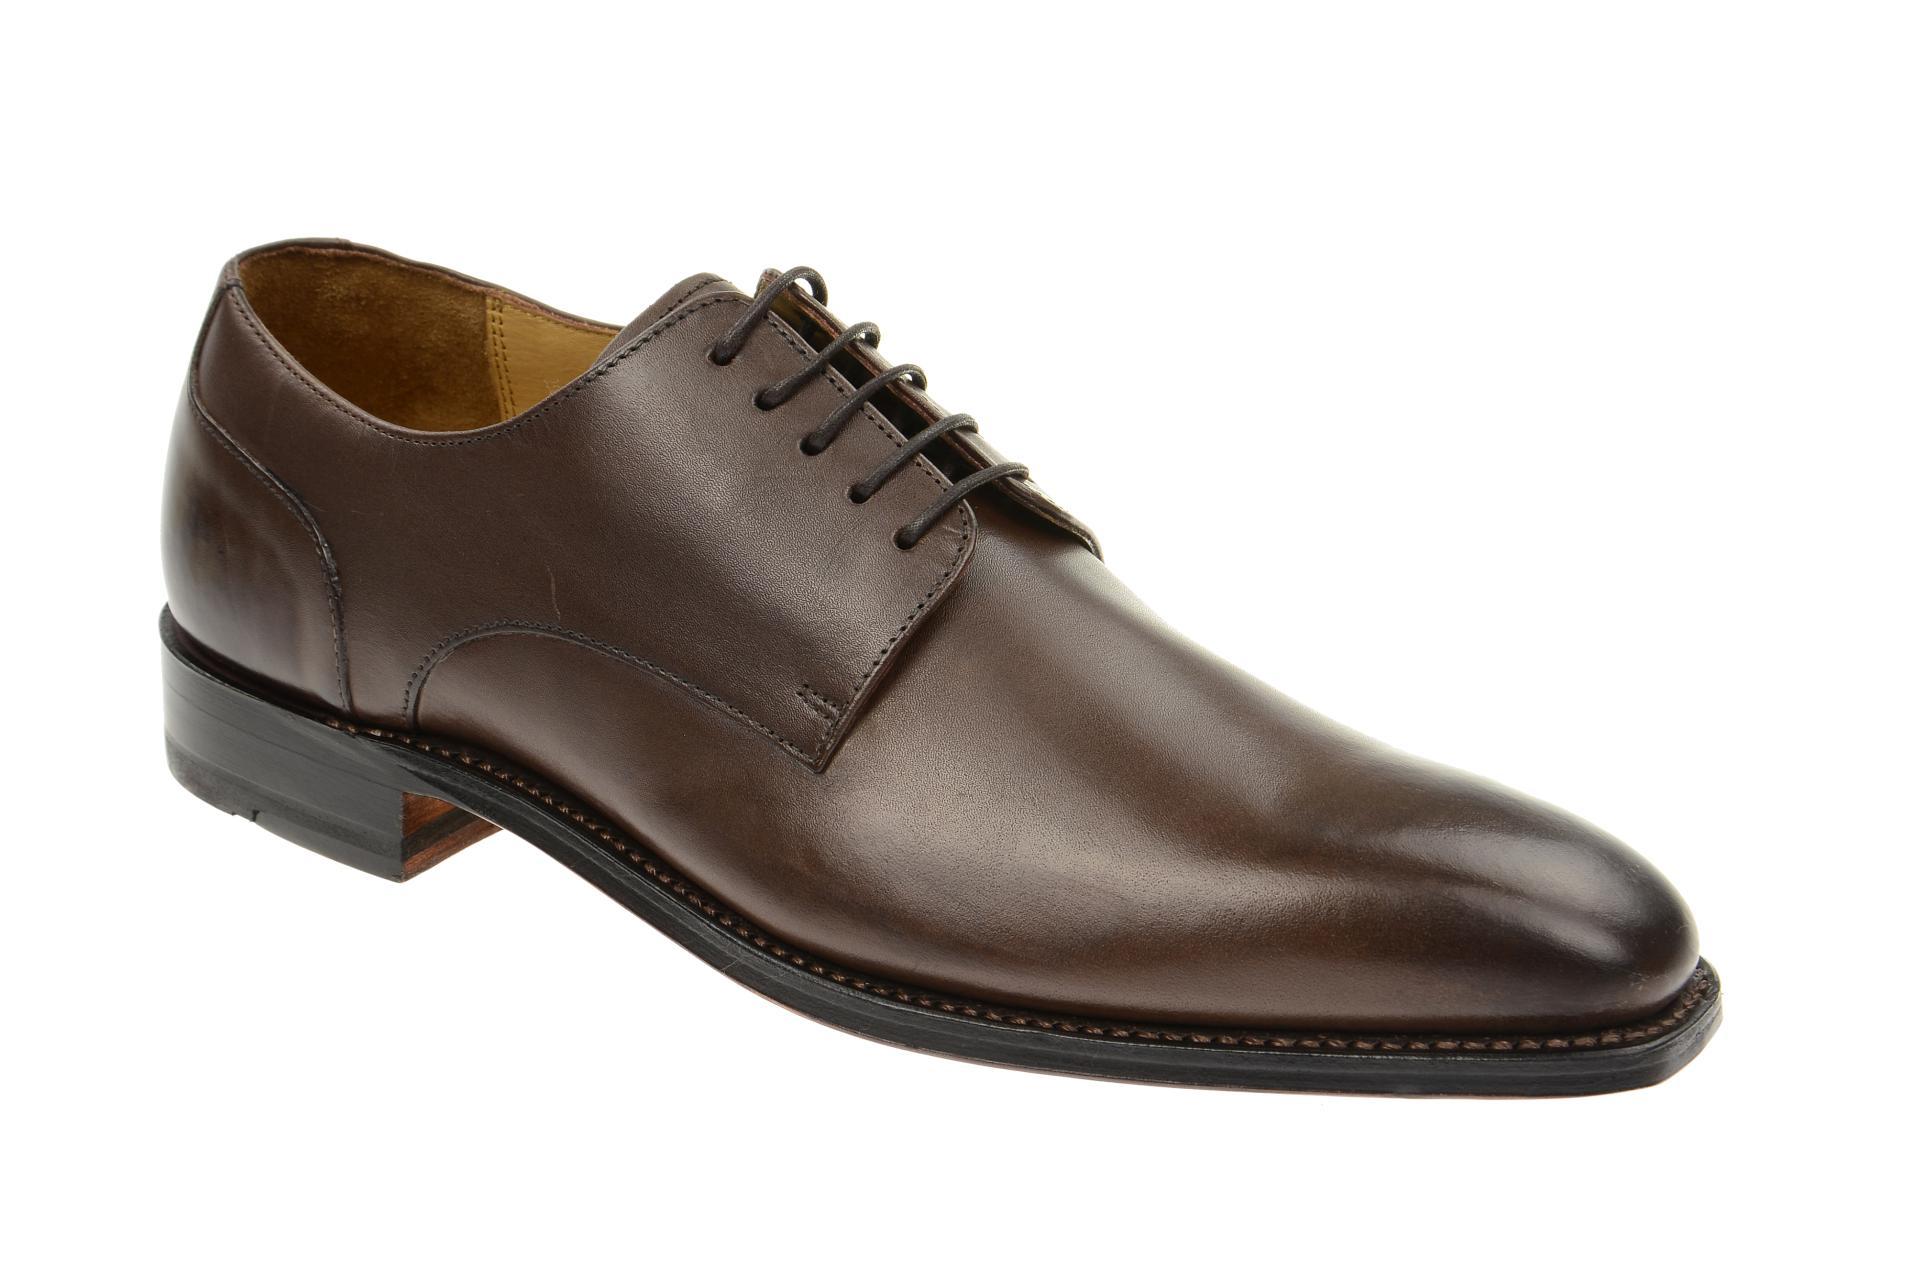 Gordon & Bros. Gordon & Bros Milan rahmengenähte Schuhe braun 4374 :: Braun - 40 - Männlich - Erwachsene